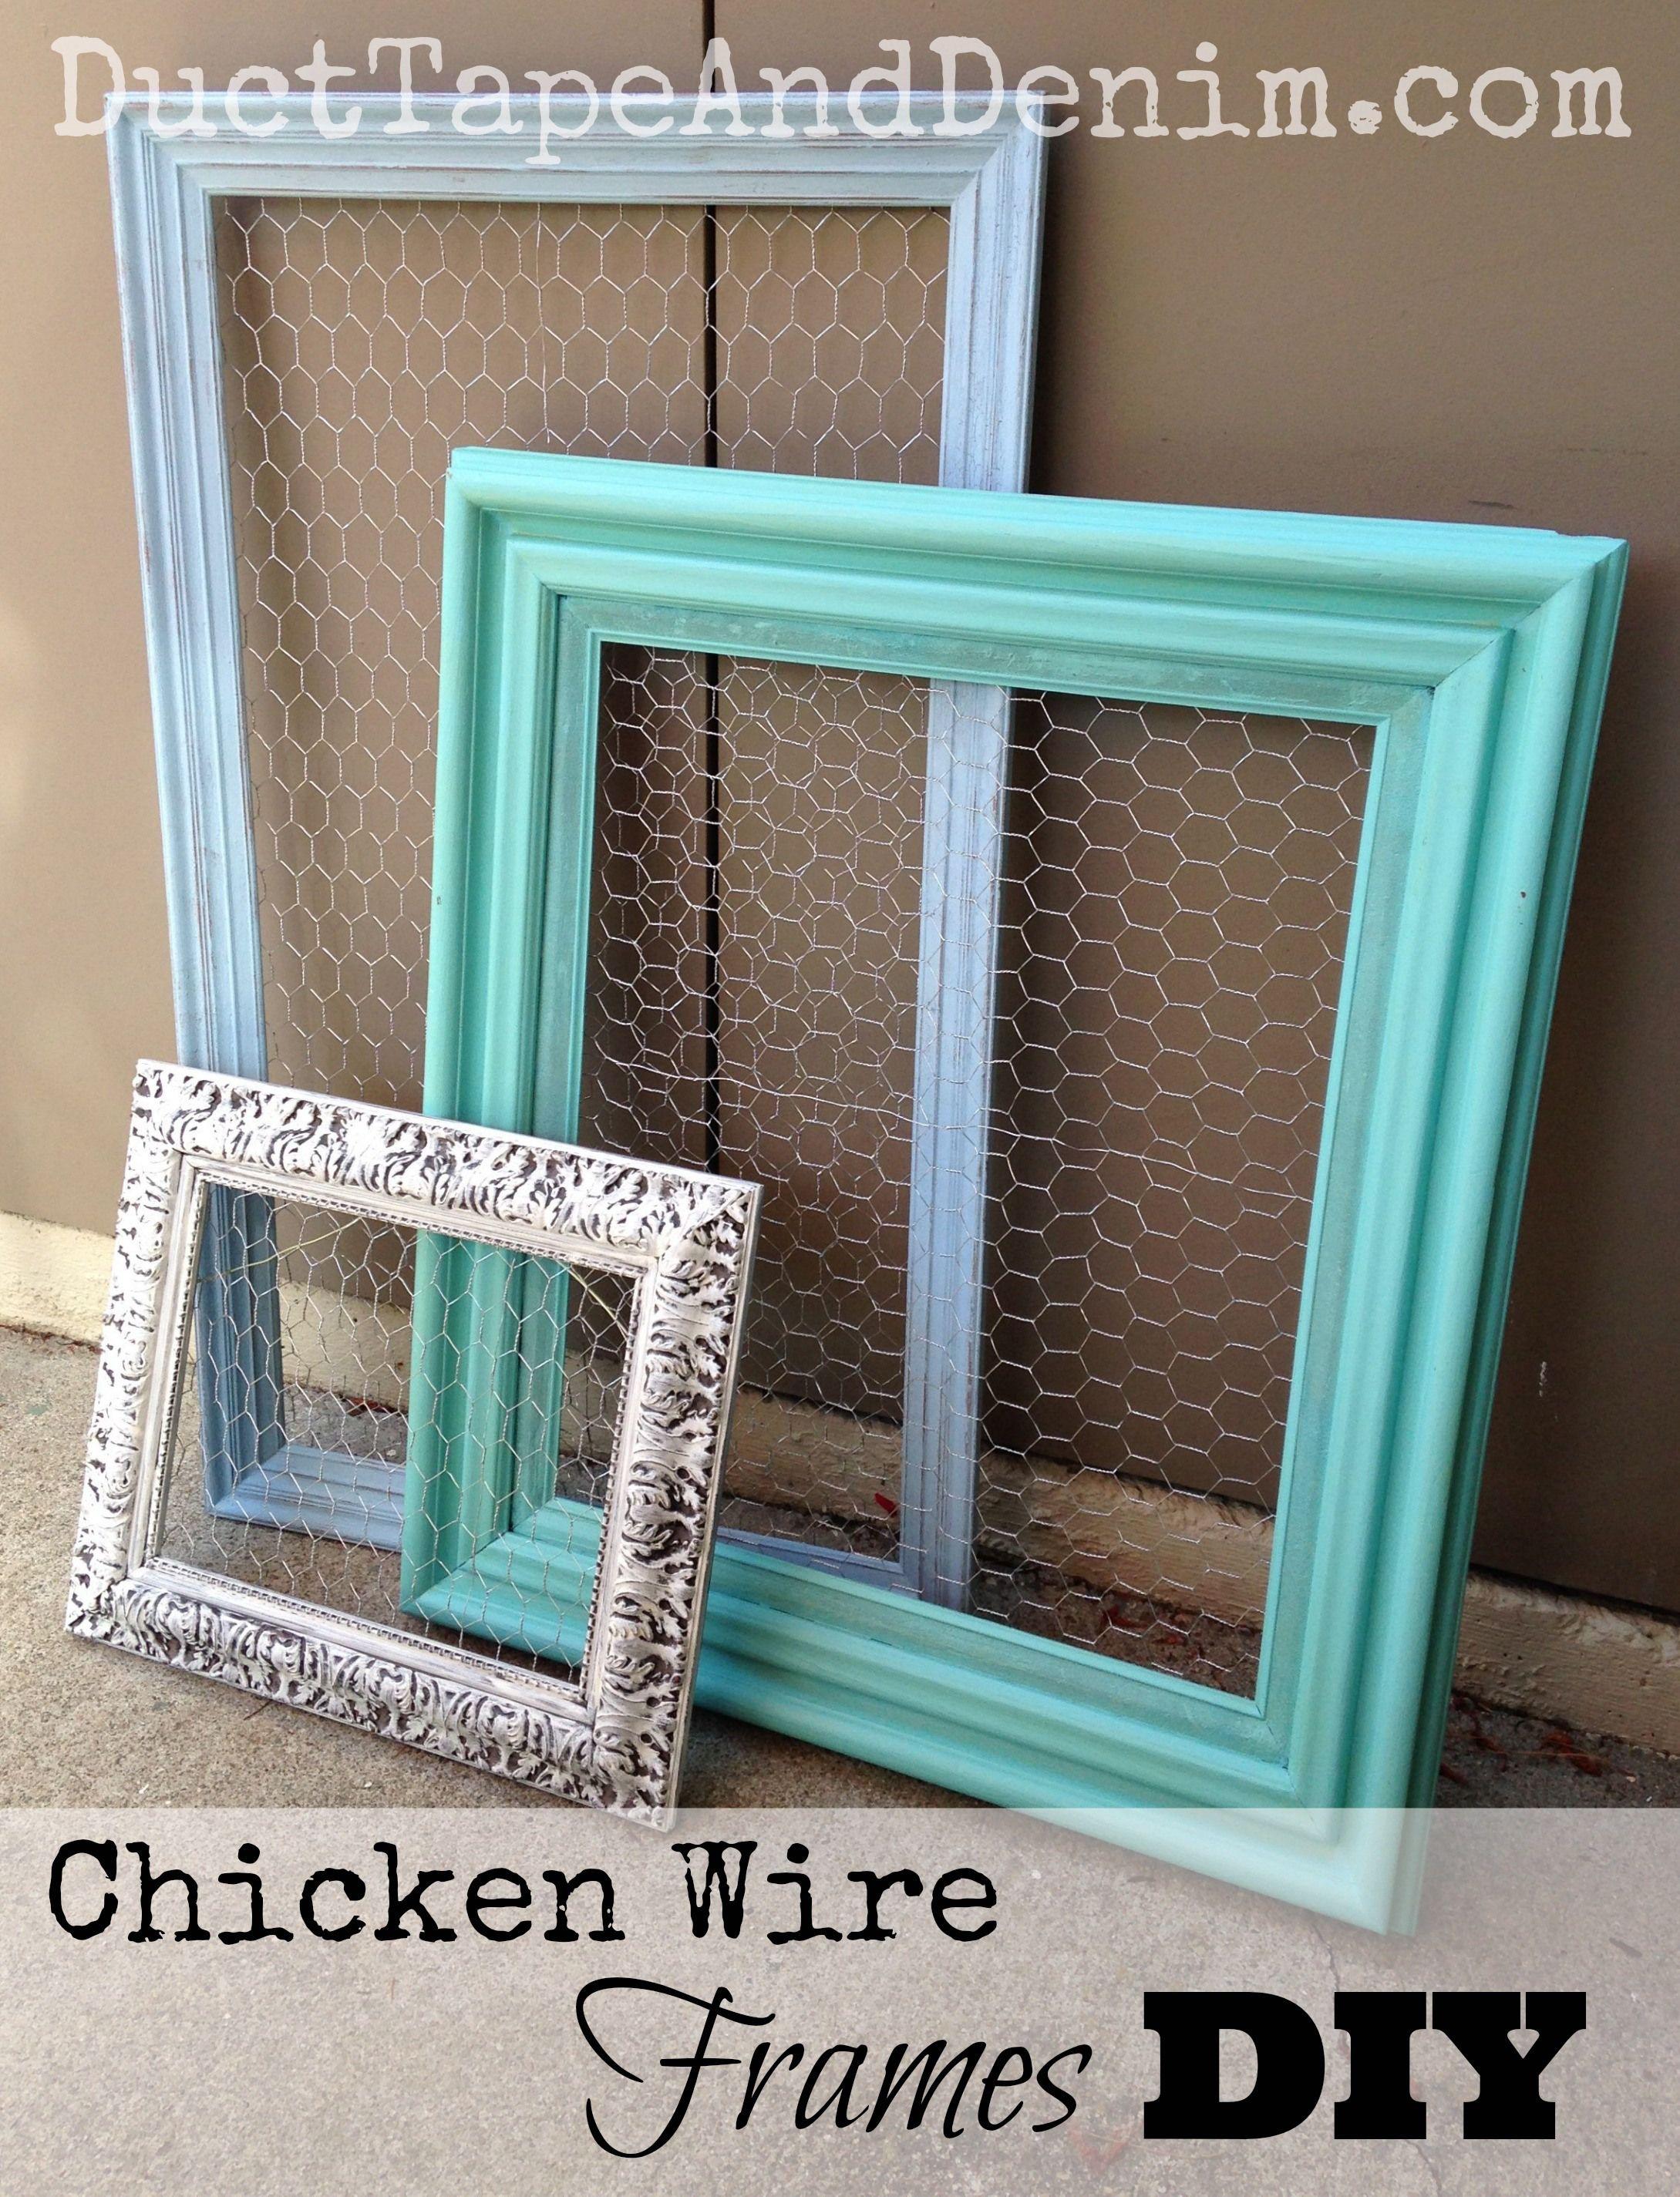 Chicken Wire Frames - DIY Repurposed Thrift Store Find | Crafting ...